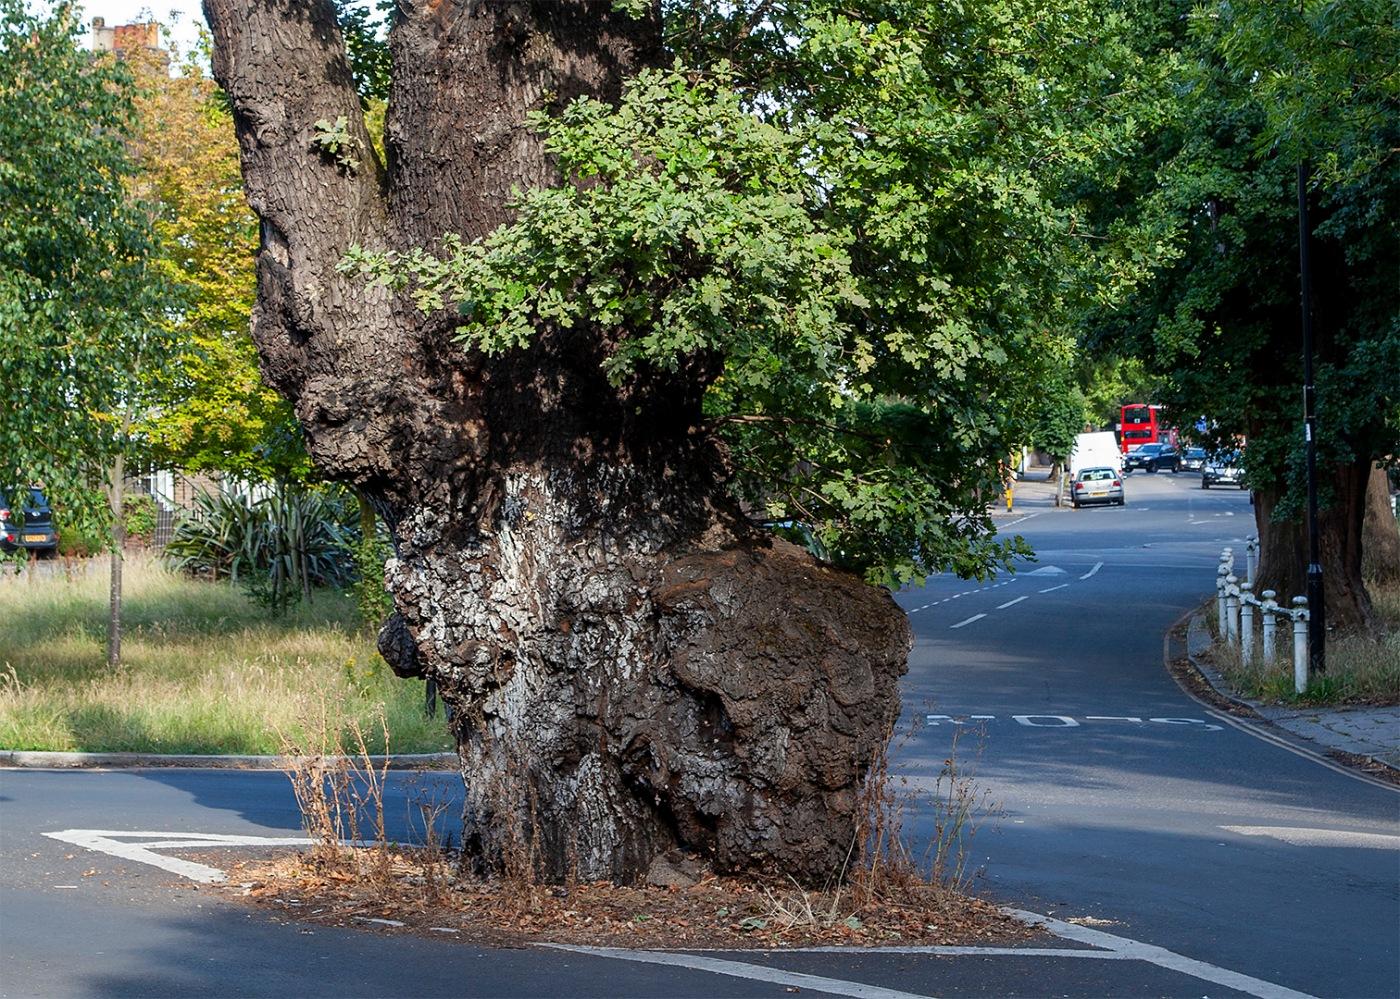 Ealing's Elephantine Oak